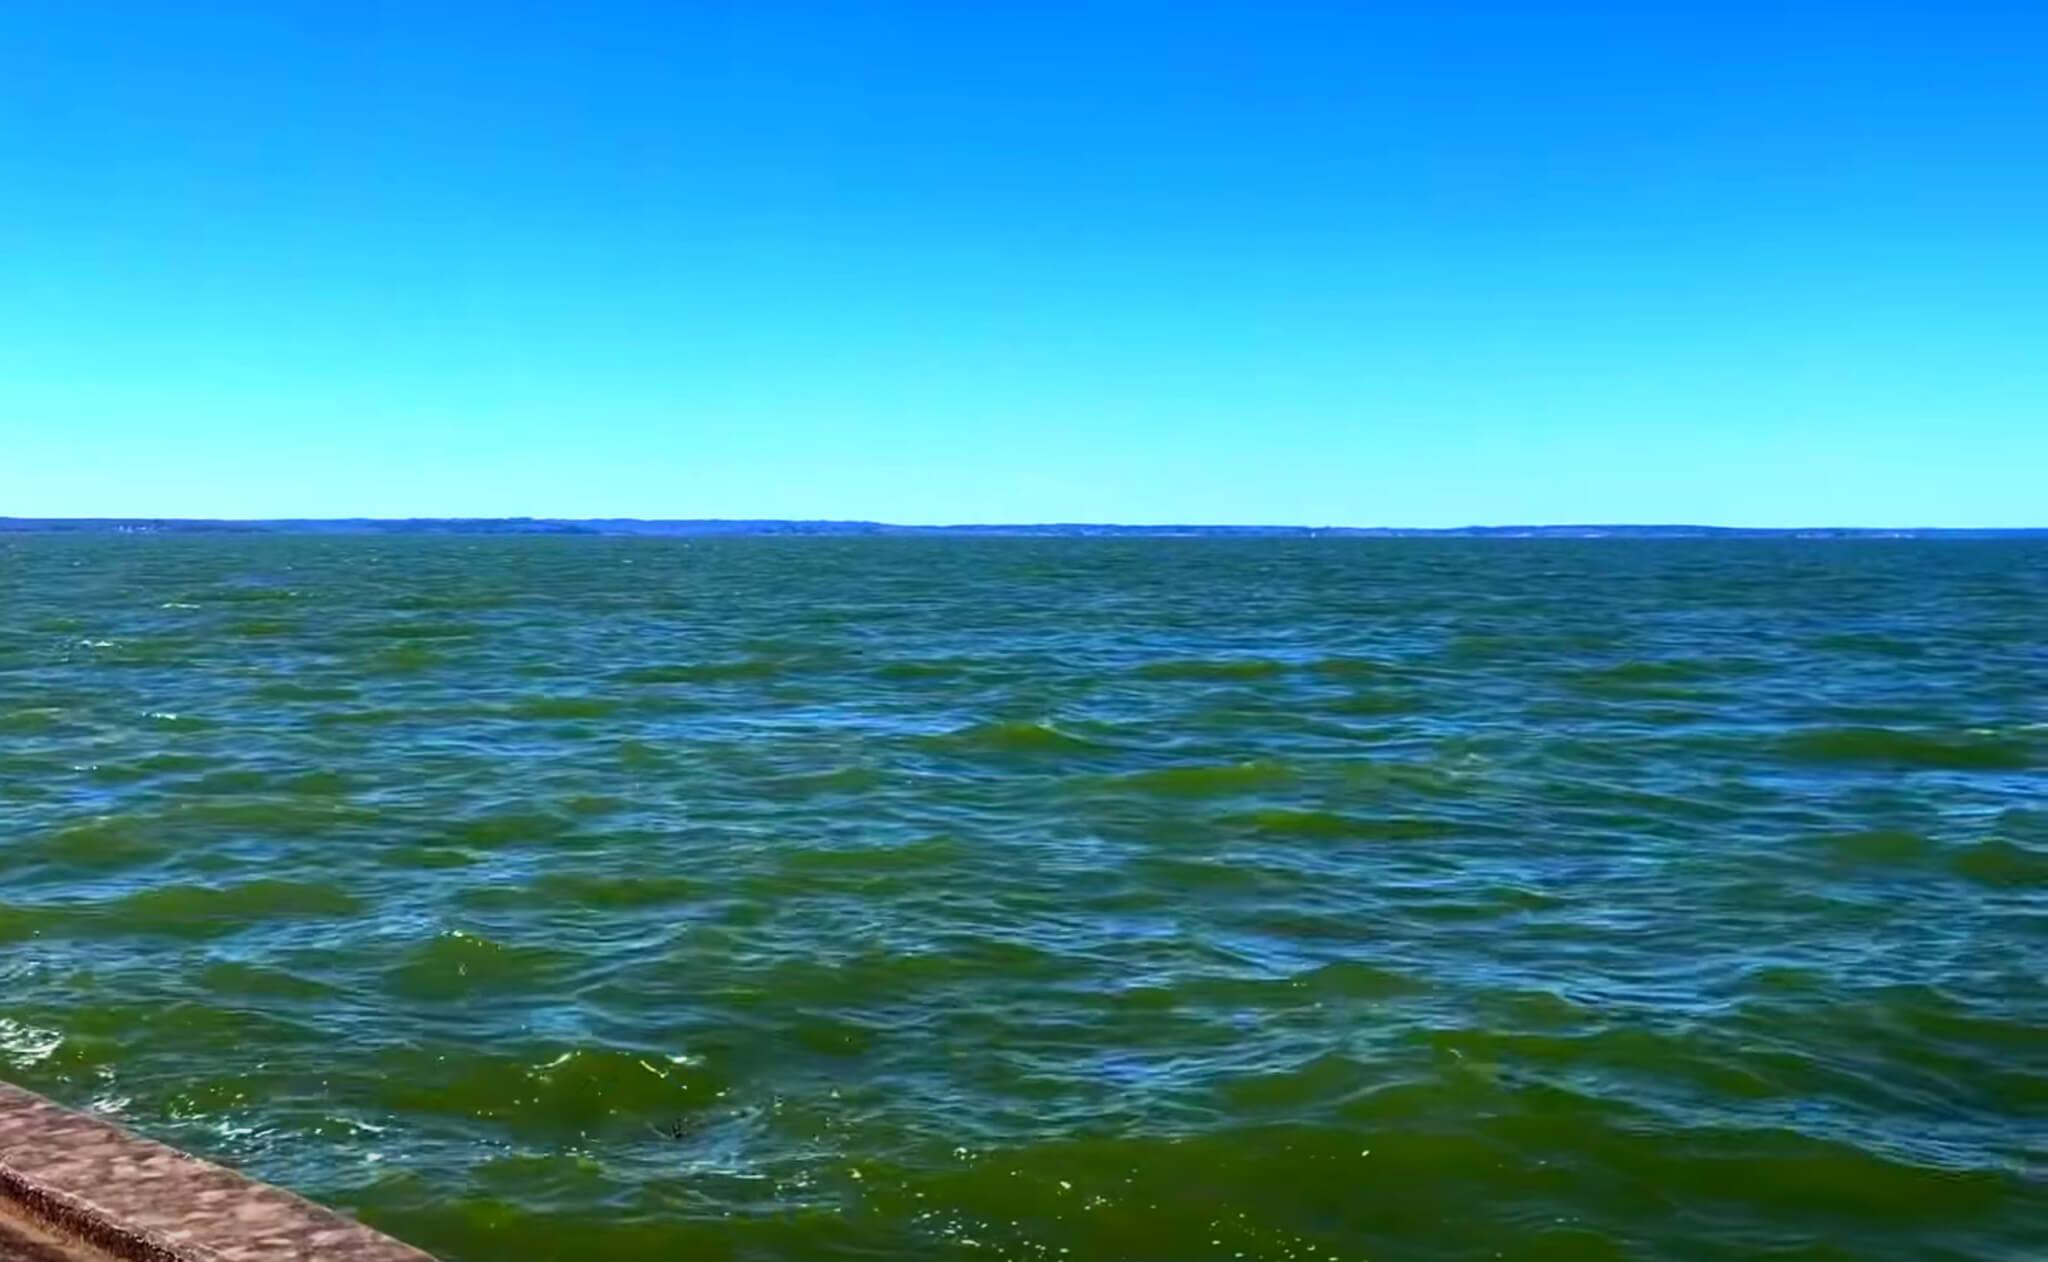 Livingston-Lake-Fishing-Report-Guide-Texas-TX-02